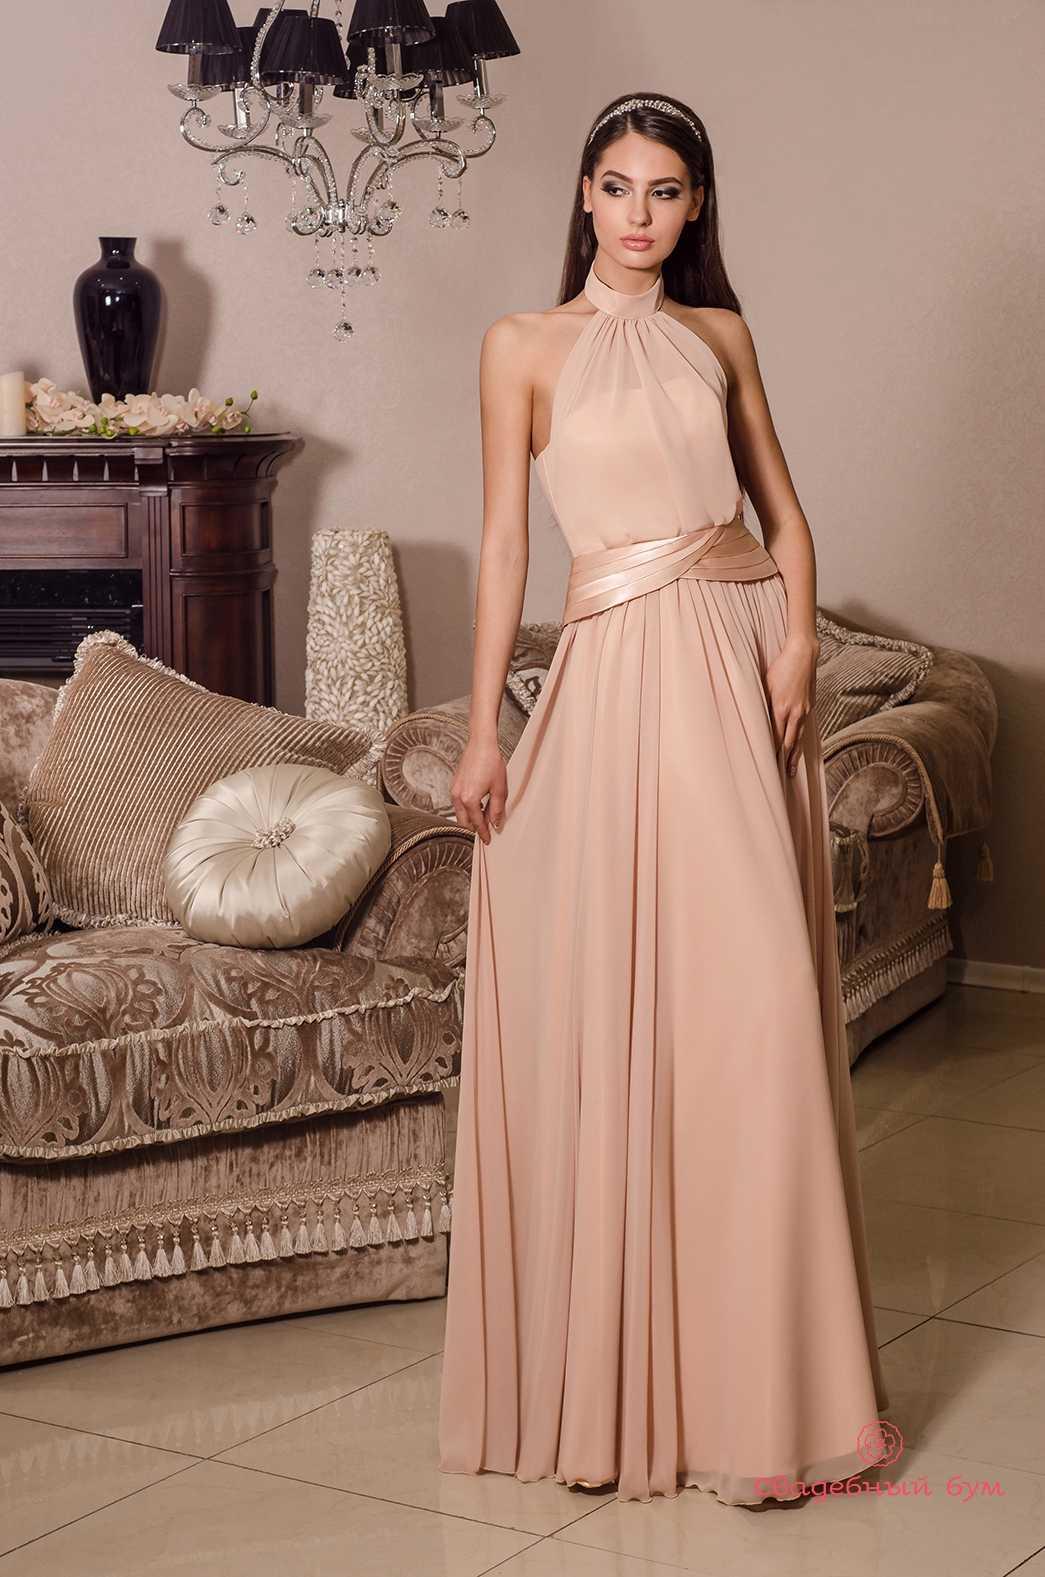 2ecb4e634bb Вечерние платья для выпускного вечера от украинских брендов